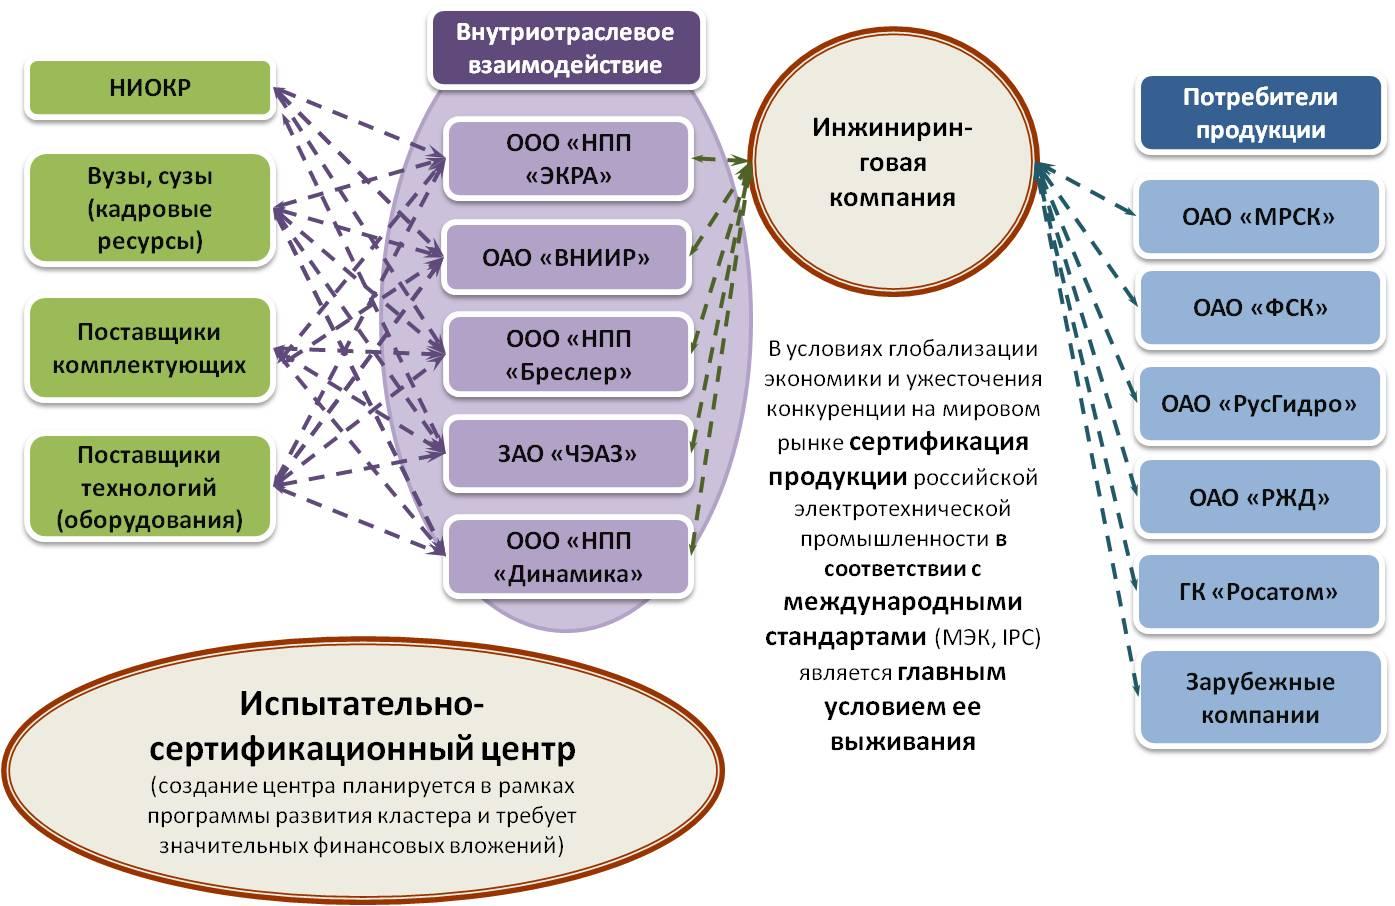 Struktura_i_vzaimodejstvie-1358426431-0